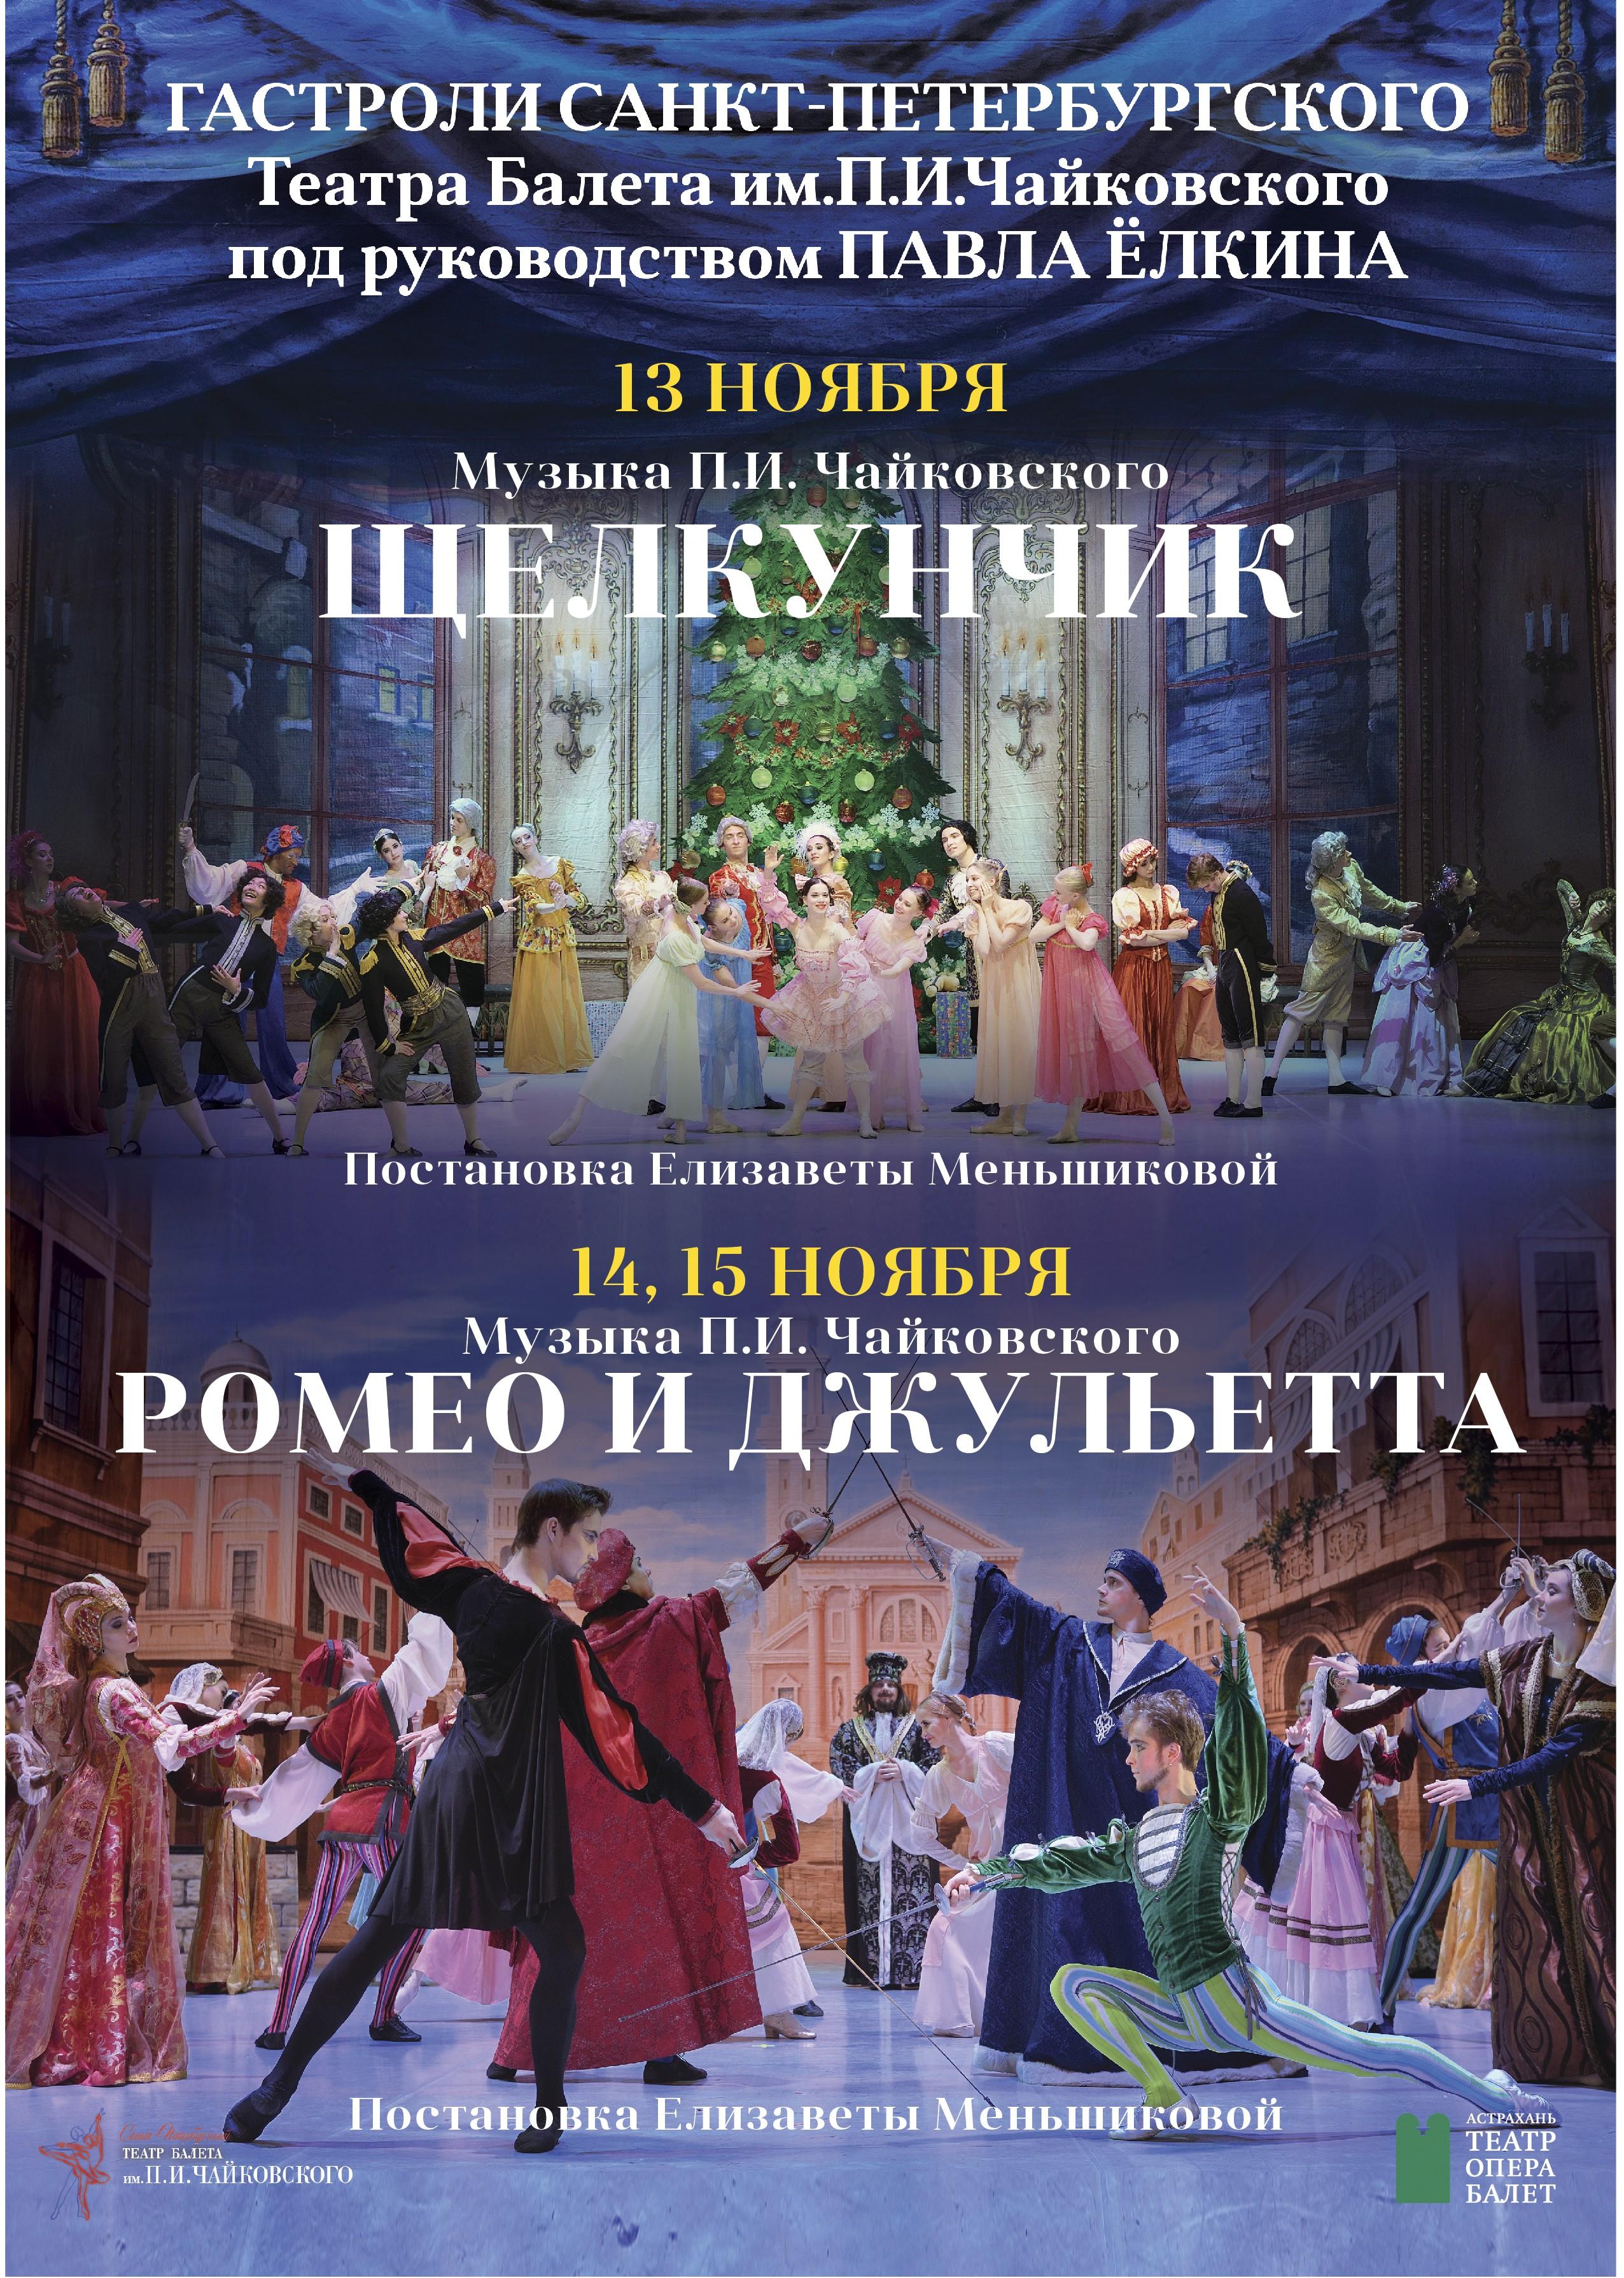 """Балет """"Ромео и Джульетта"""" Санкт-Петербургский театр балета им.П.И.Чайковского"""